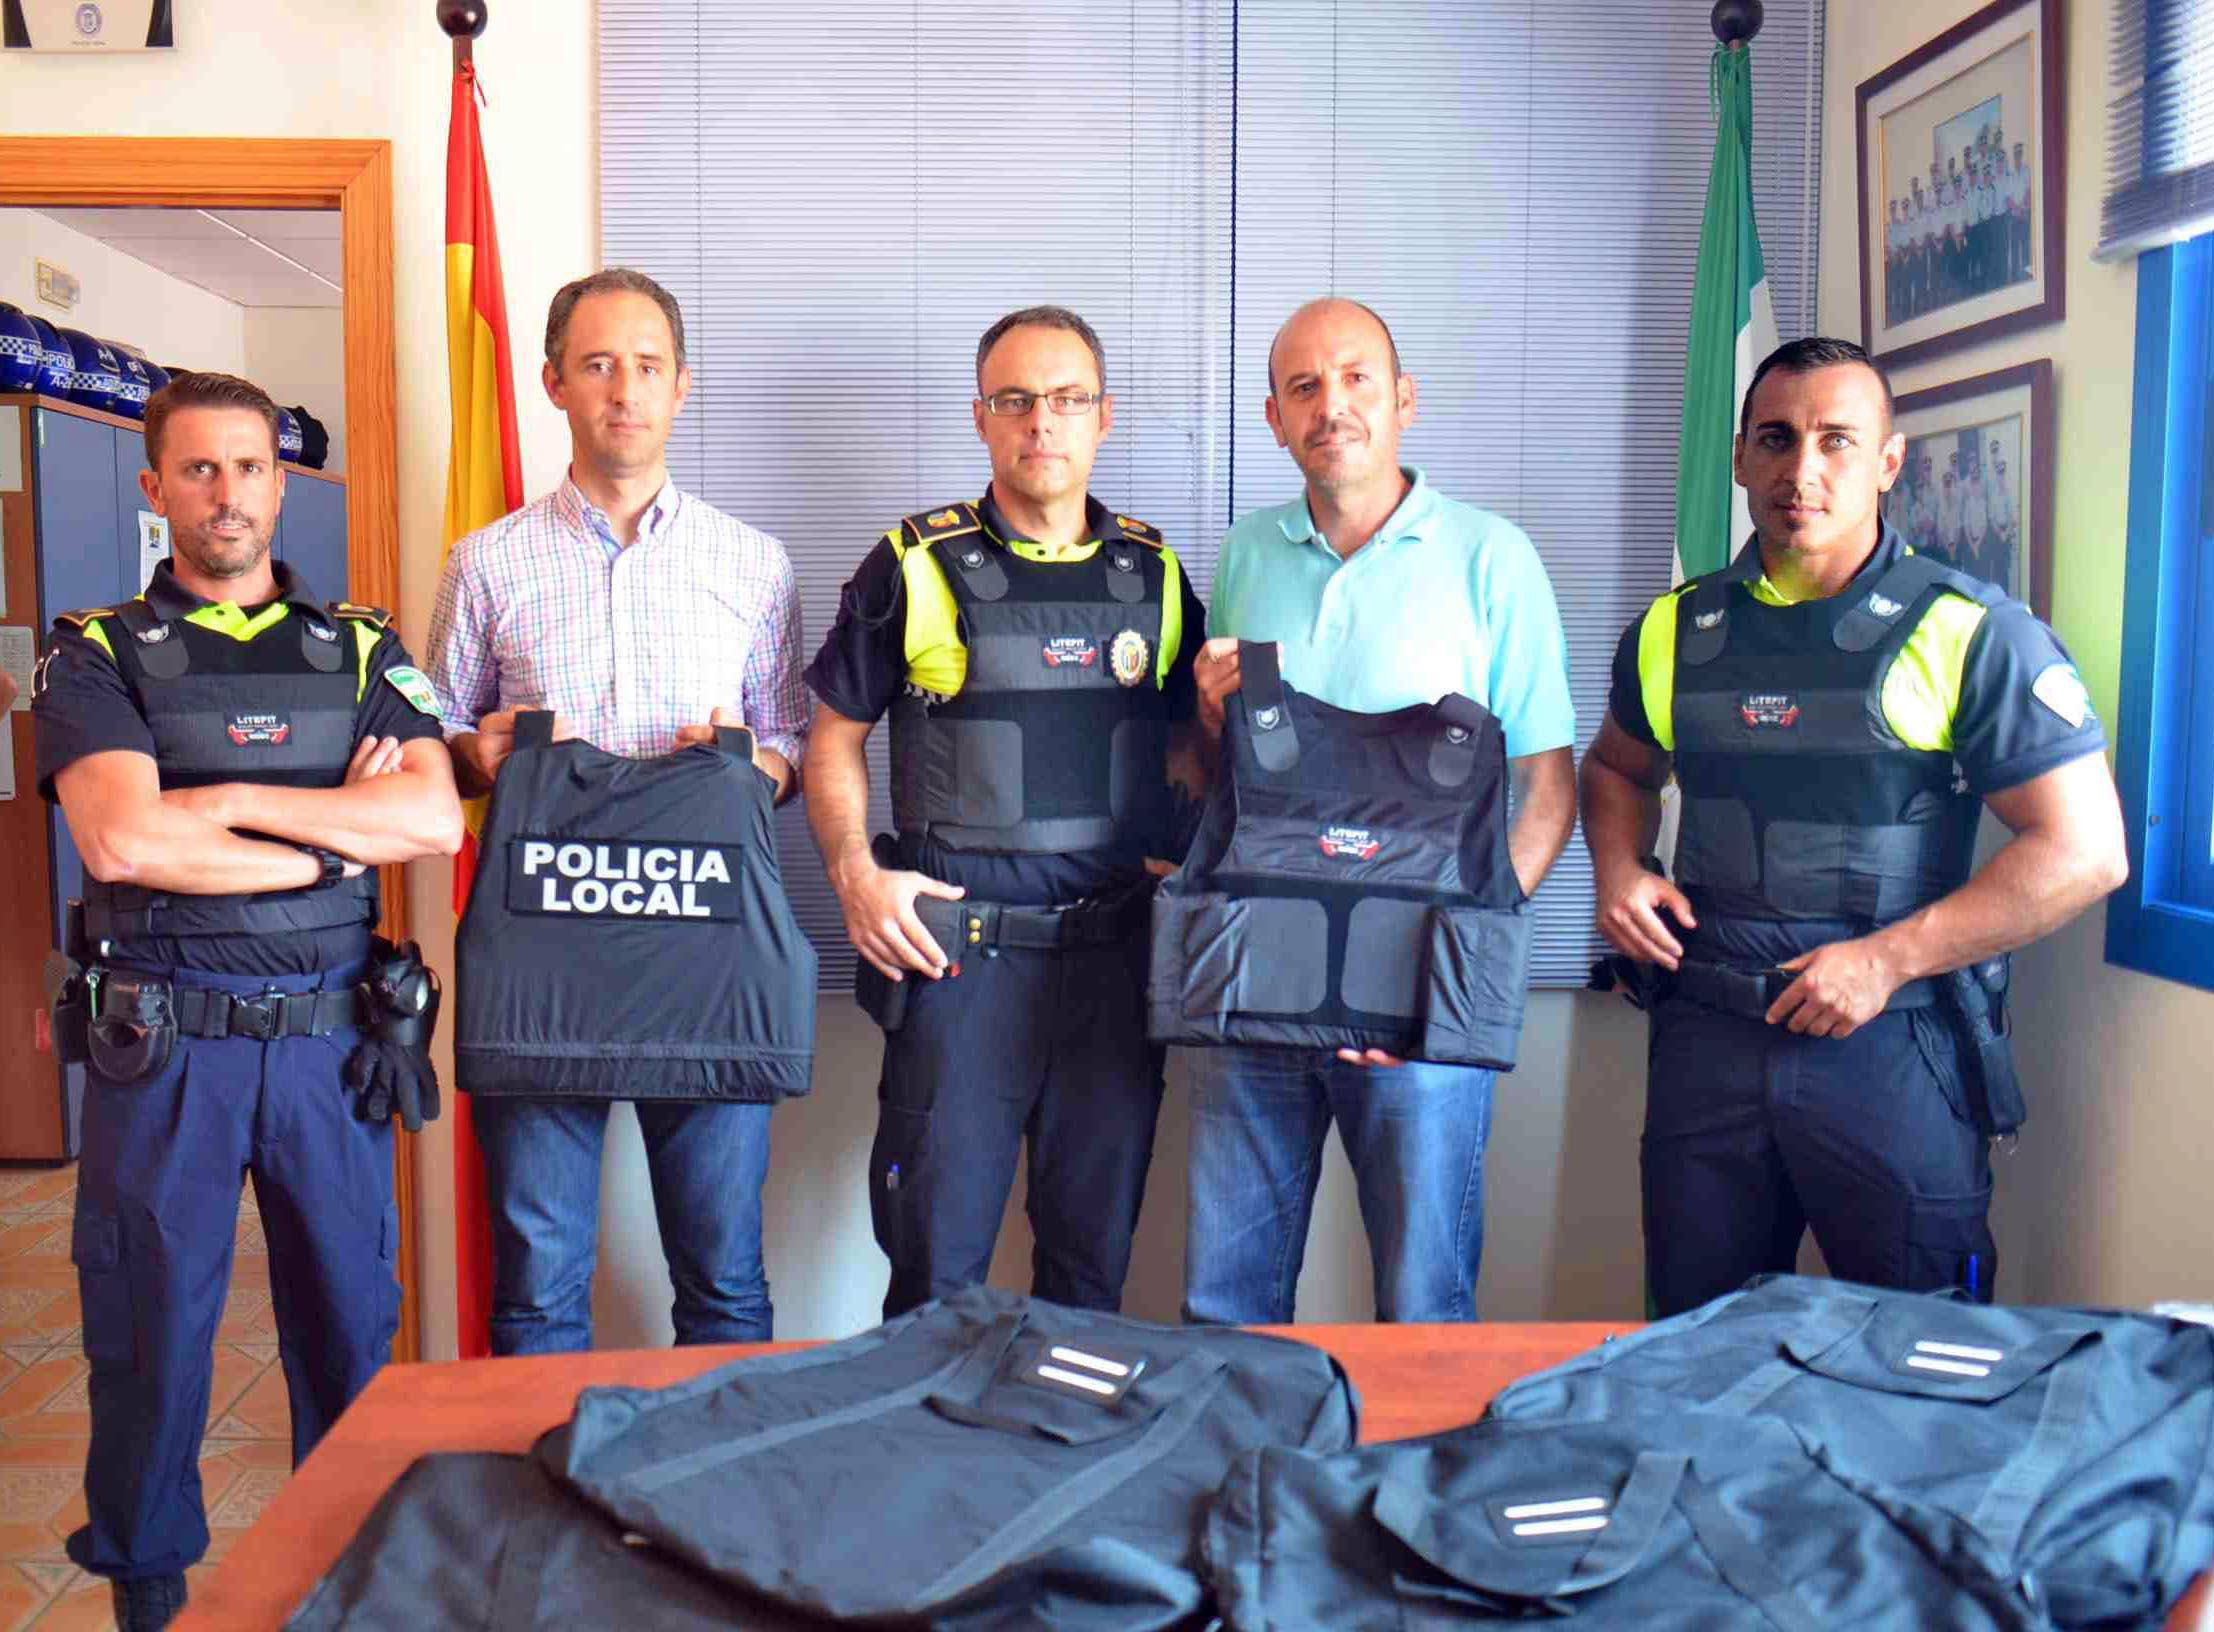 La Policía Local amplía su equipamiento con la adquisición de chalecos antibalas